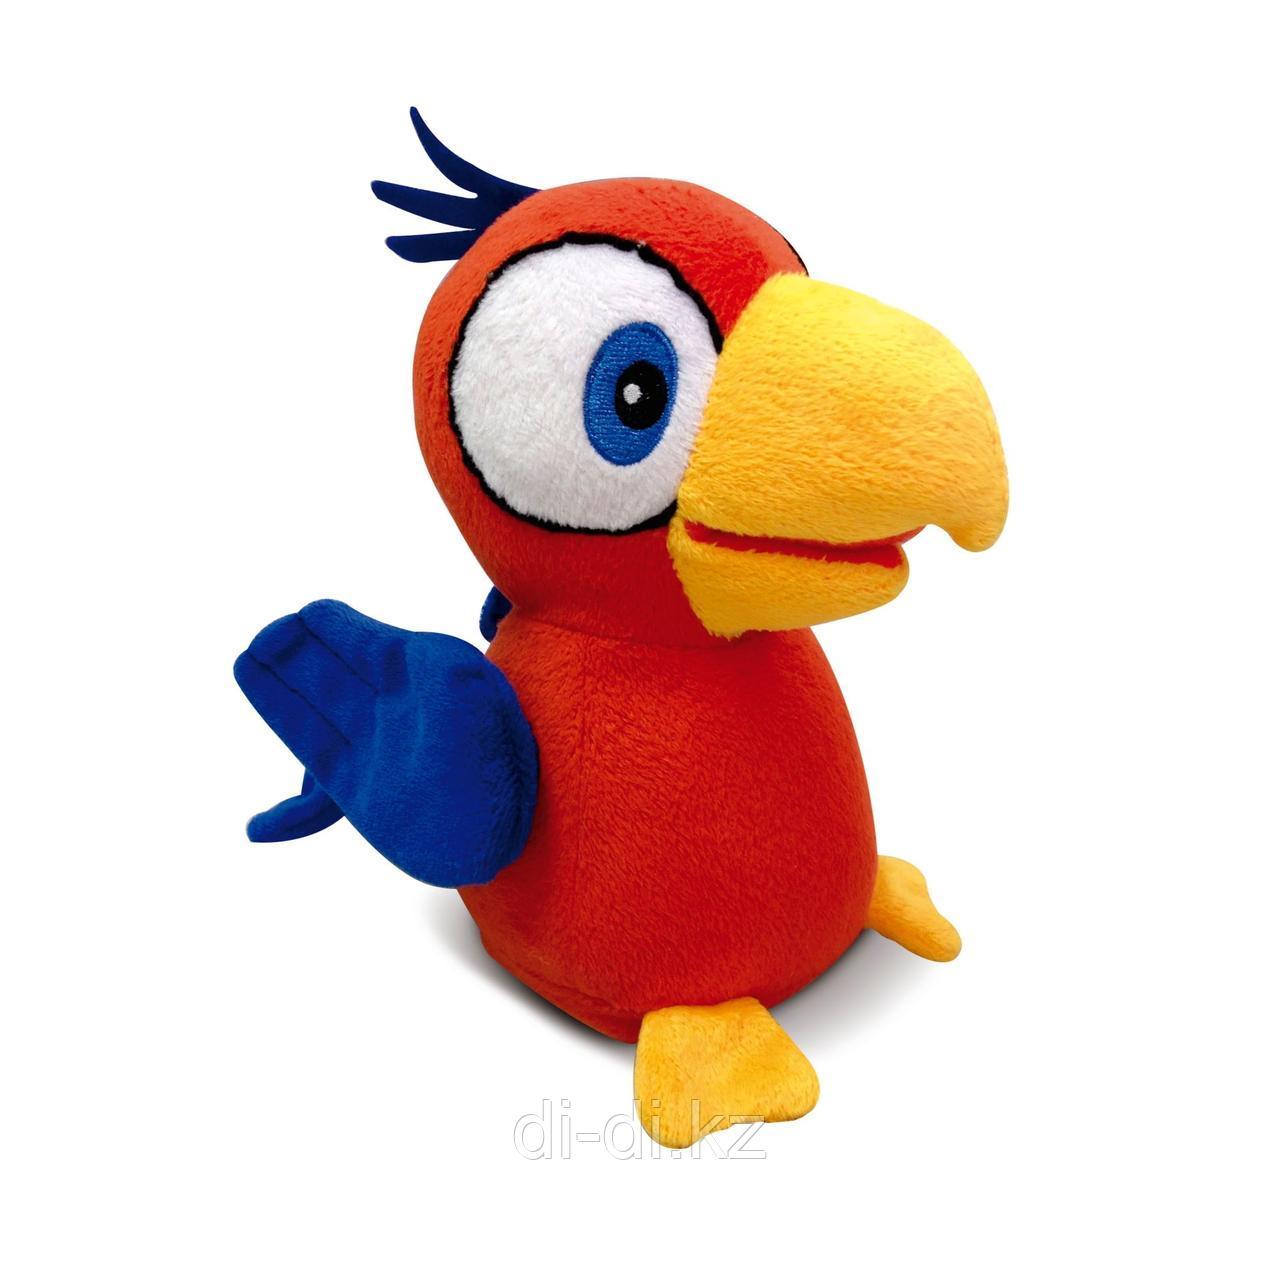 Попугай Charlie интерактивный (красный), повторяет слова, шевелит клювом, мягконабивной